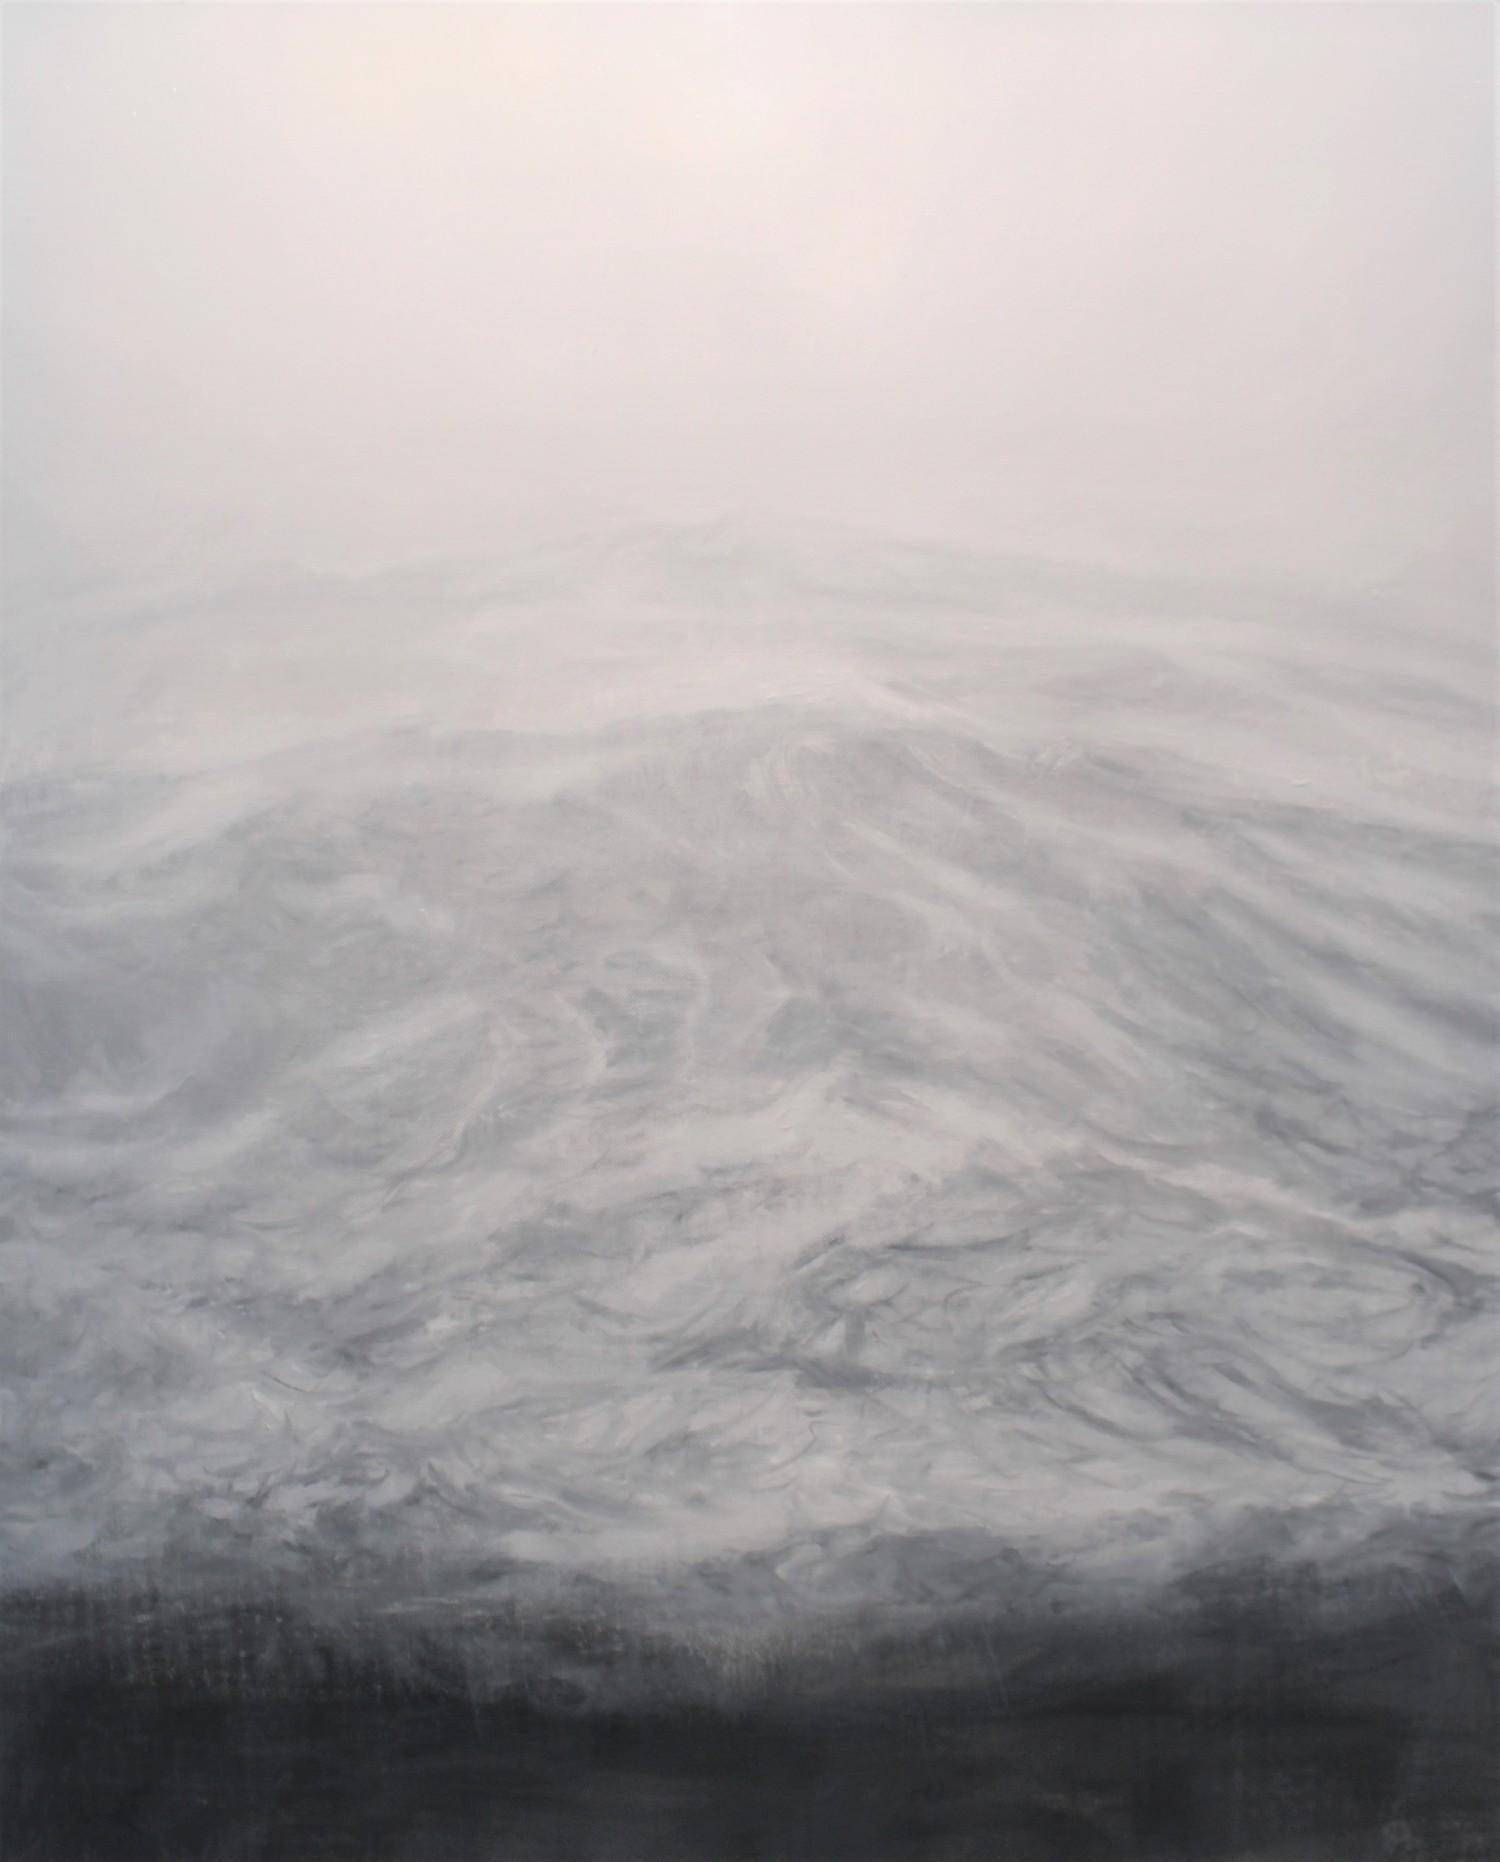 The Secret by F. S. Borquez - Contemporary Oil Painting, Seascape, Ocean waves